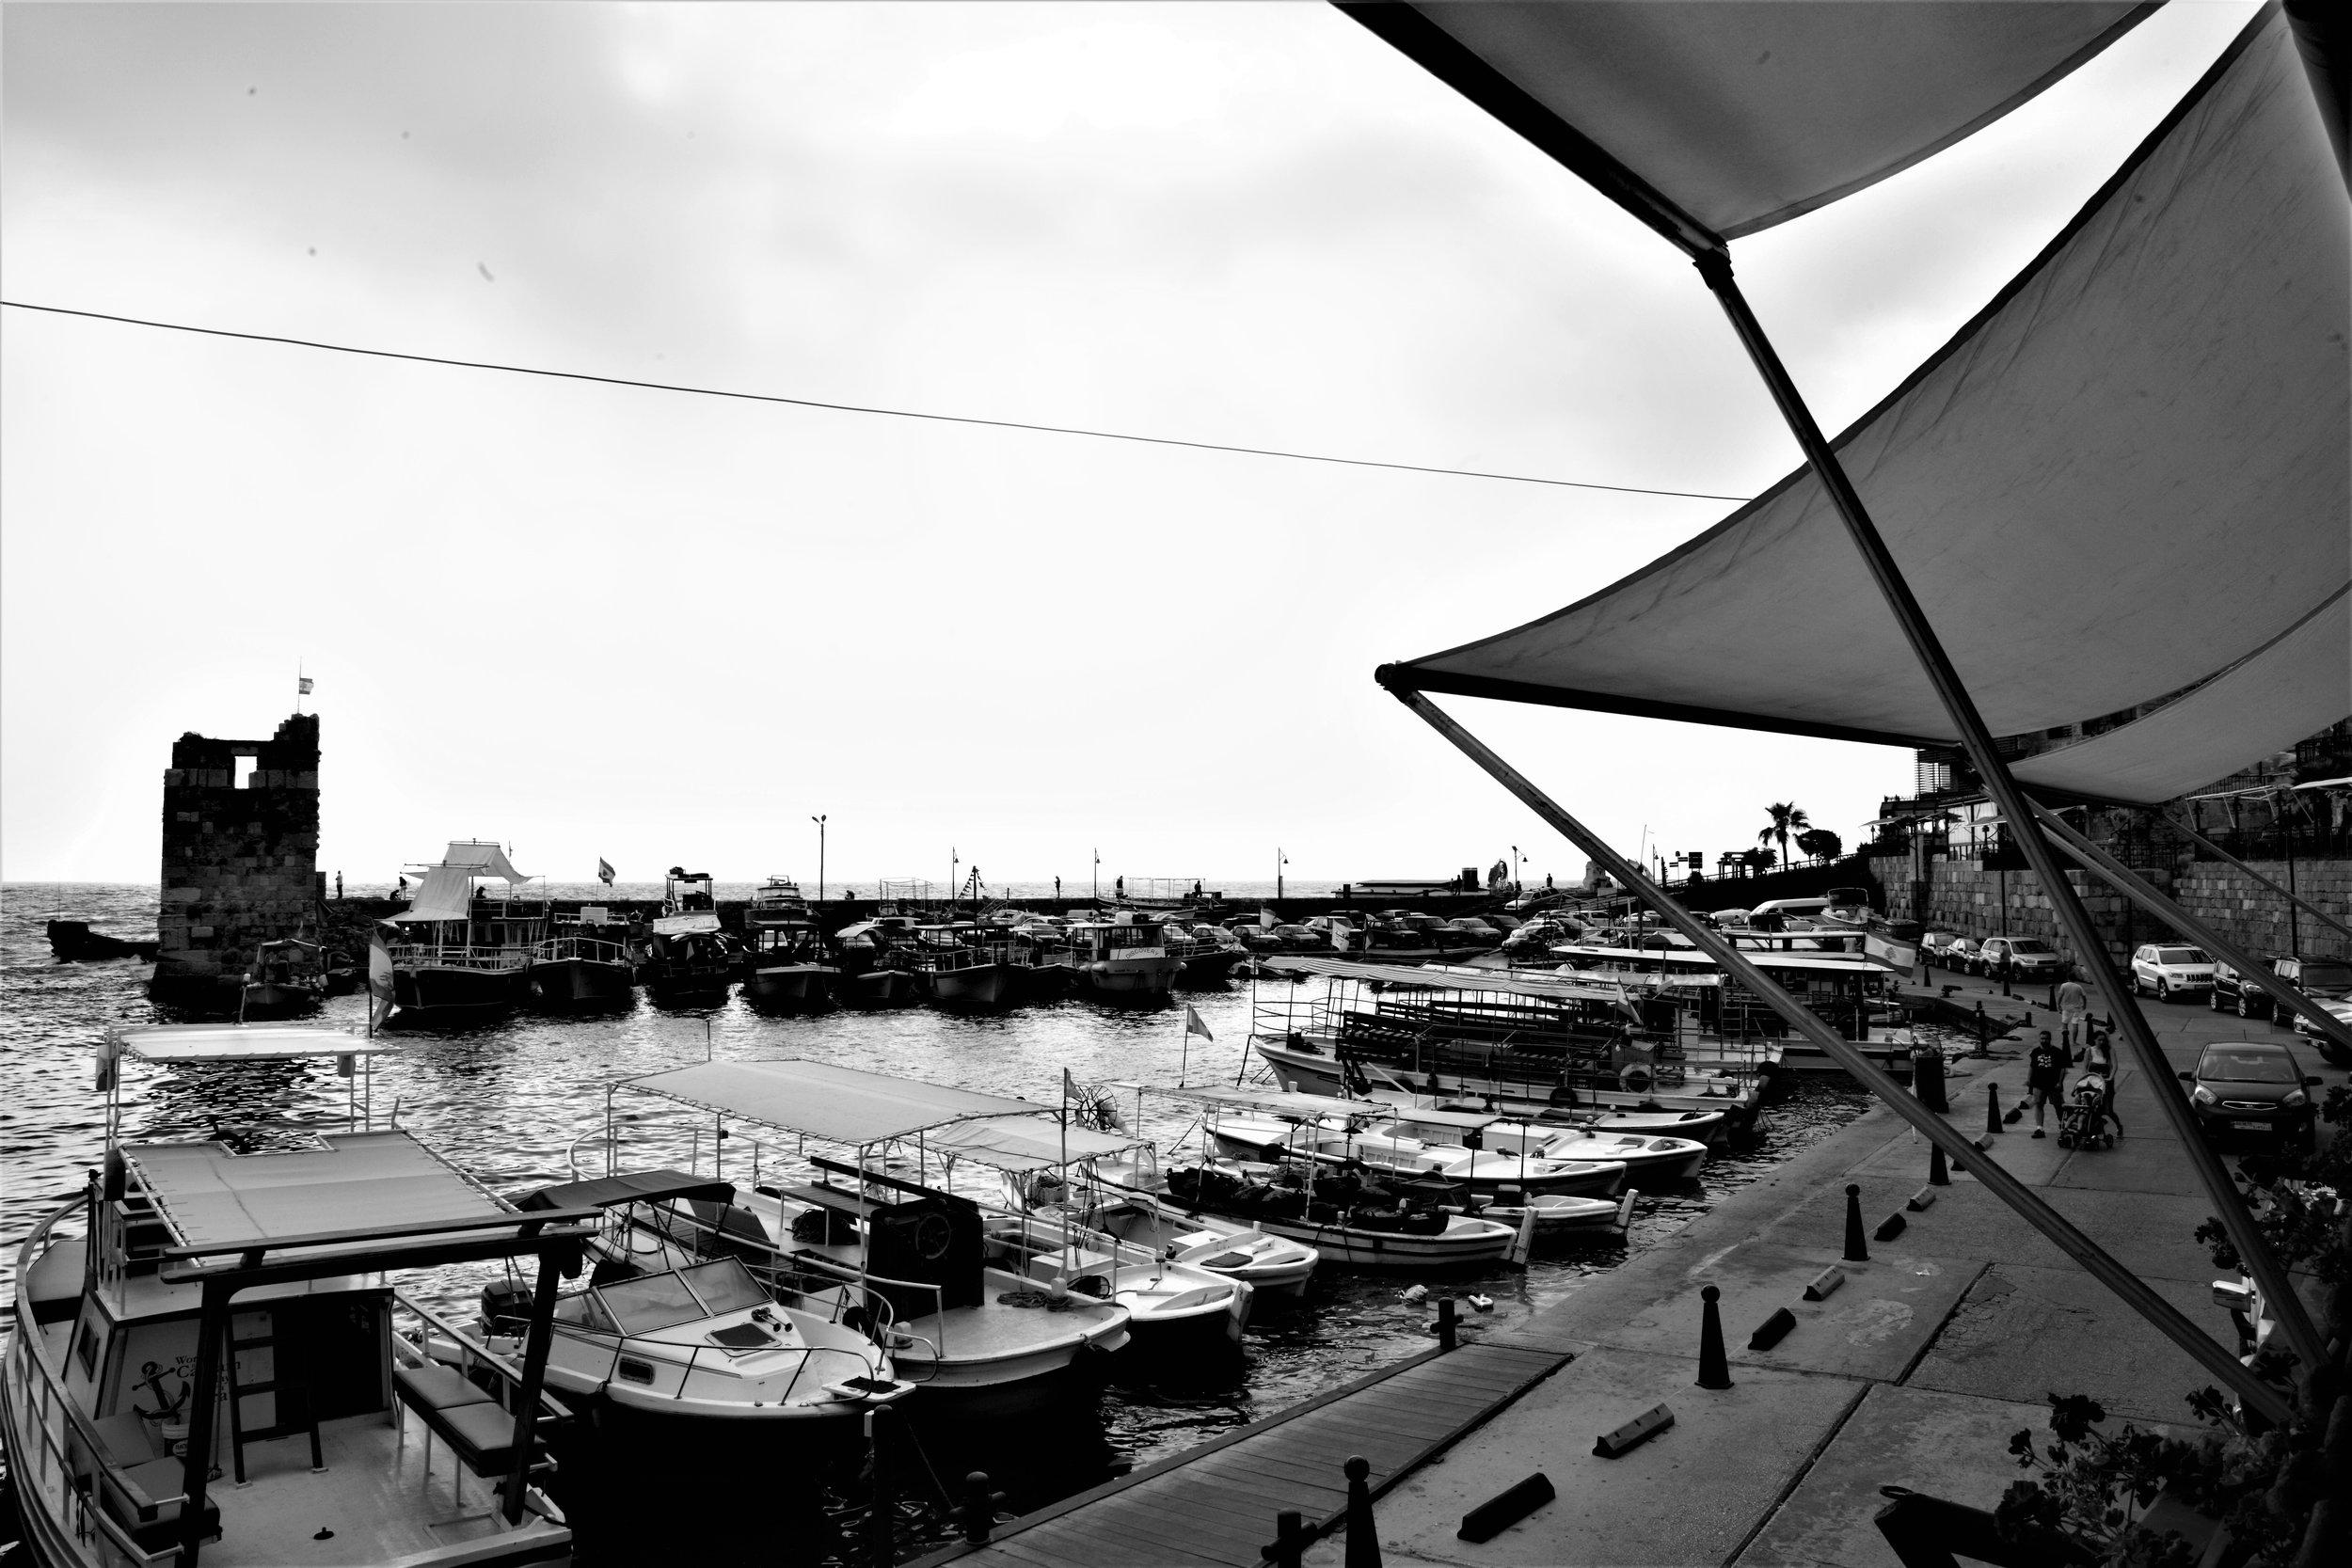 Der alte Hafen von Byblos.